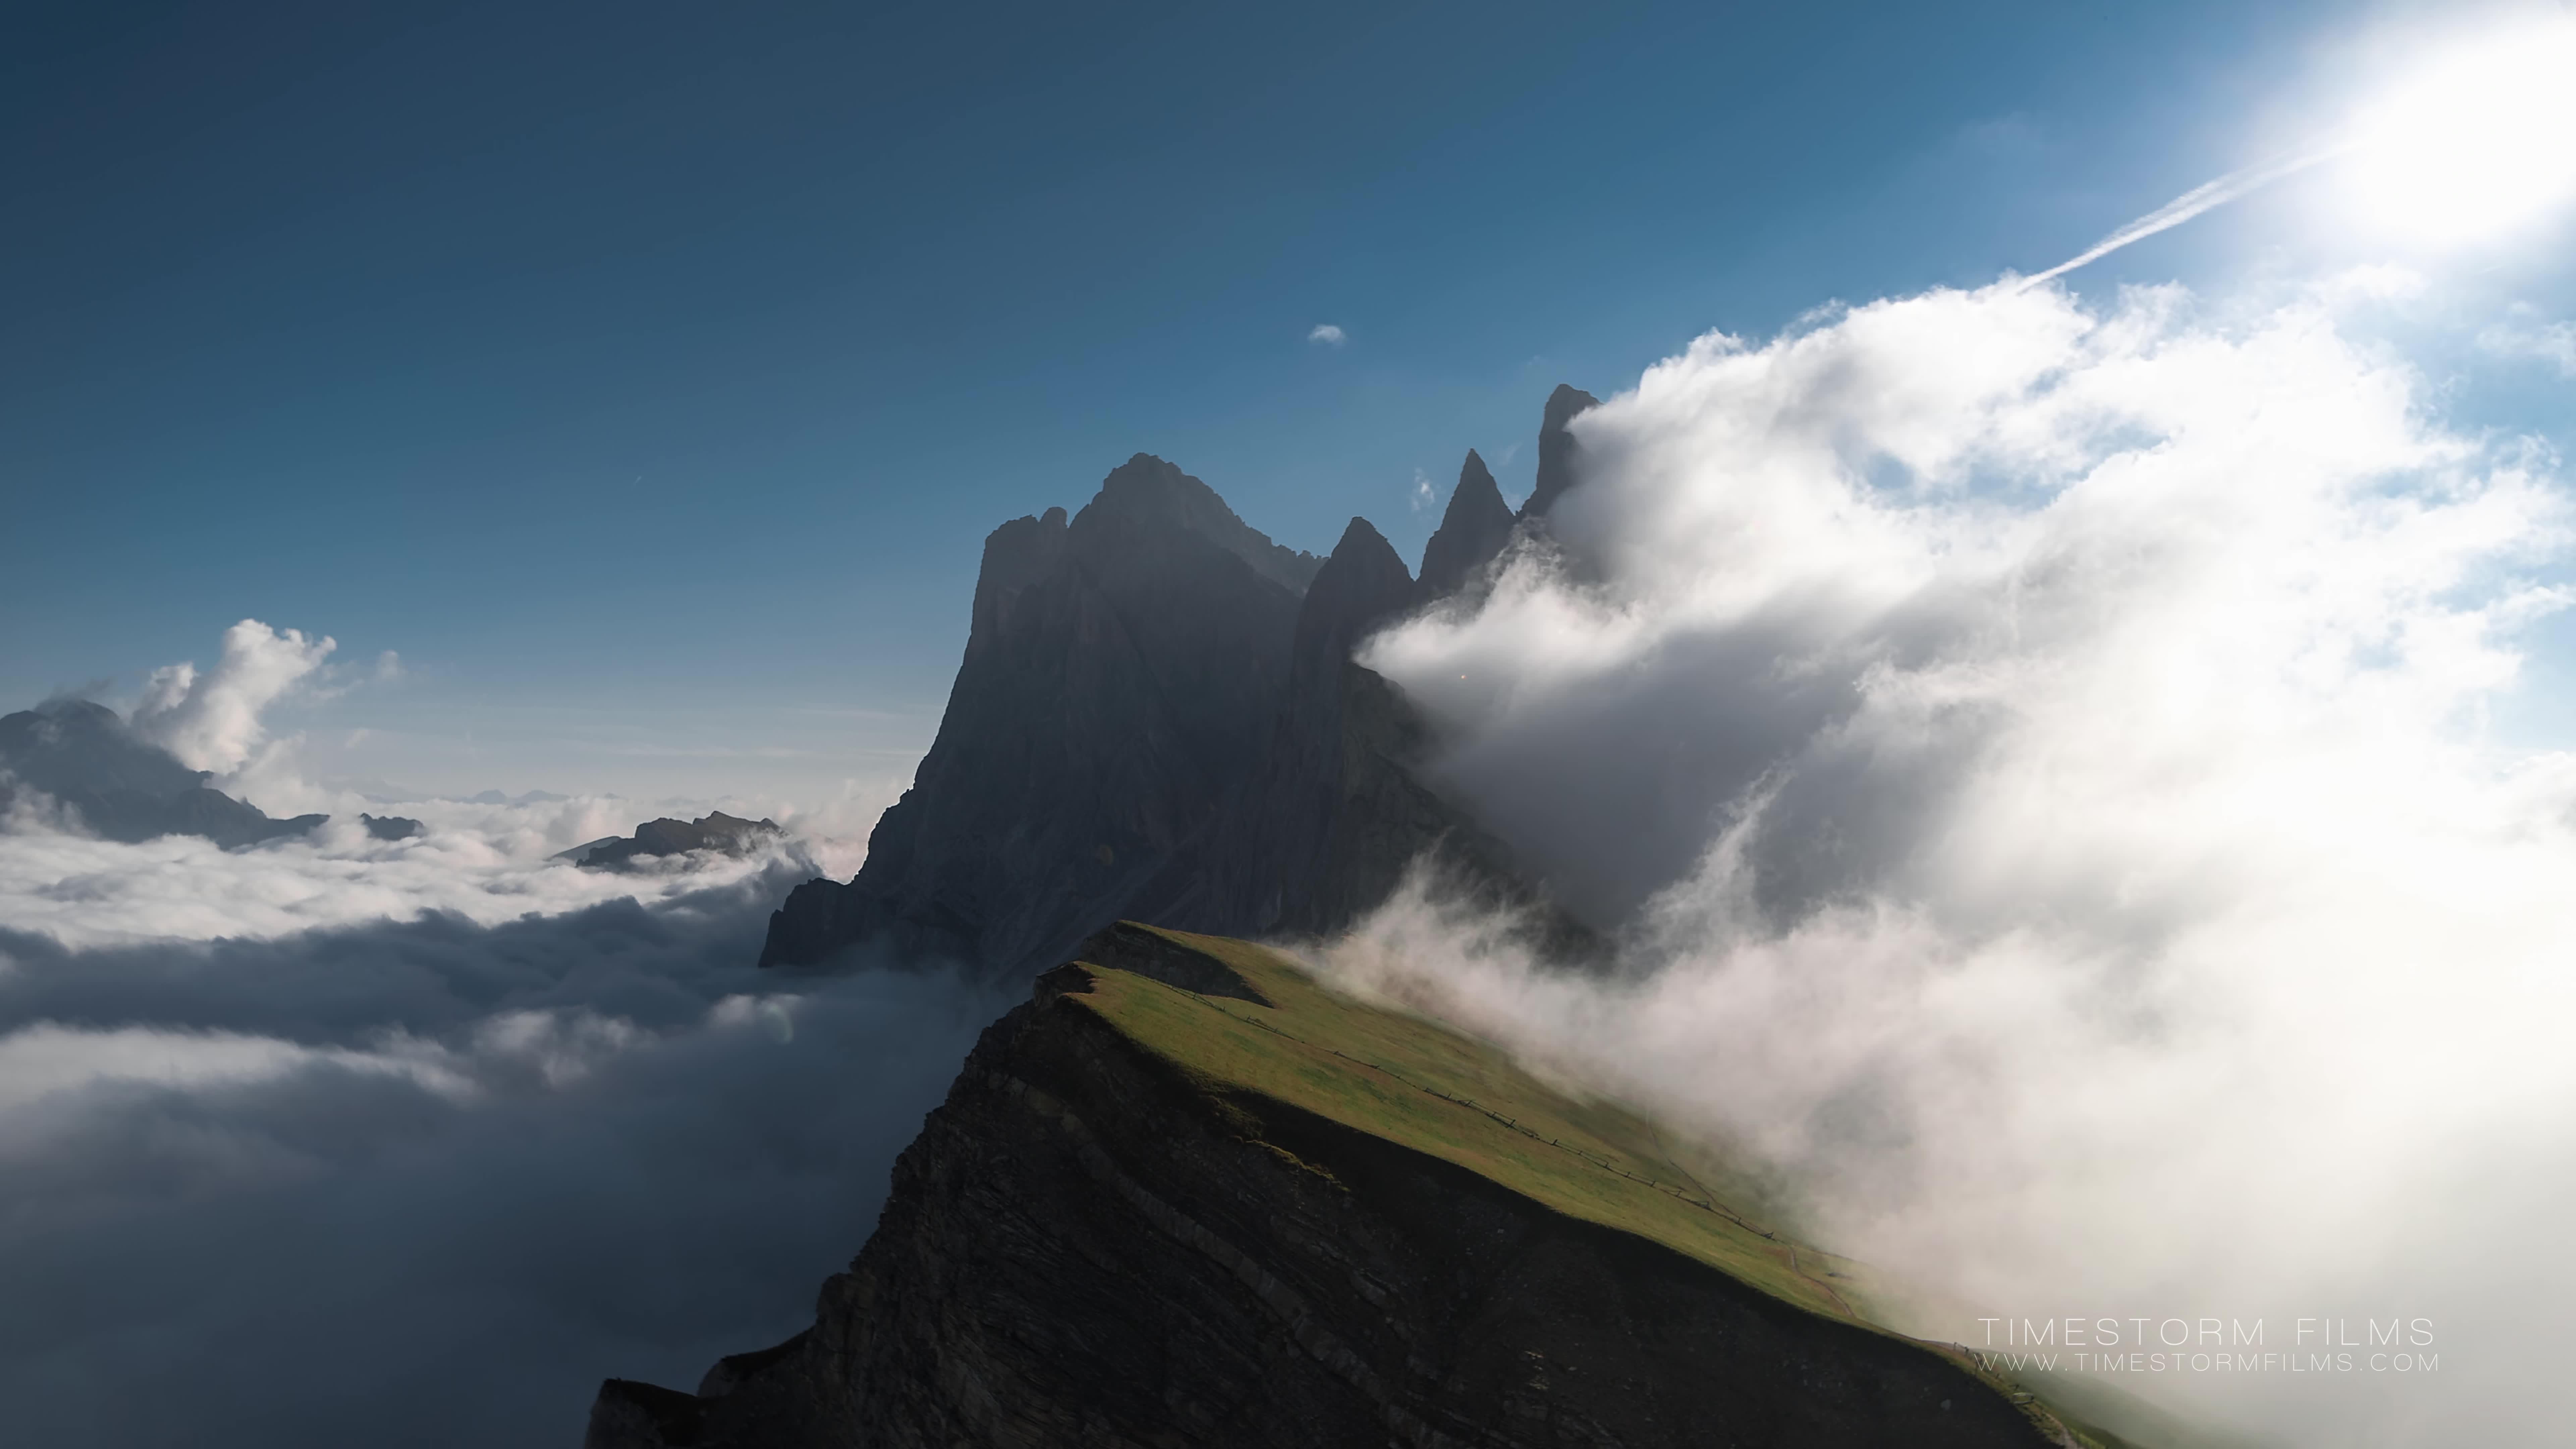 4K, 4k, 8K, 8k, alps, dolomiten, dolomites, mountains, nature, südtirol, timelapse, uhd, zeitraffer, SUMMER | DOLOMITES 8K TIMELAPSE GIFs